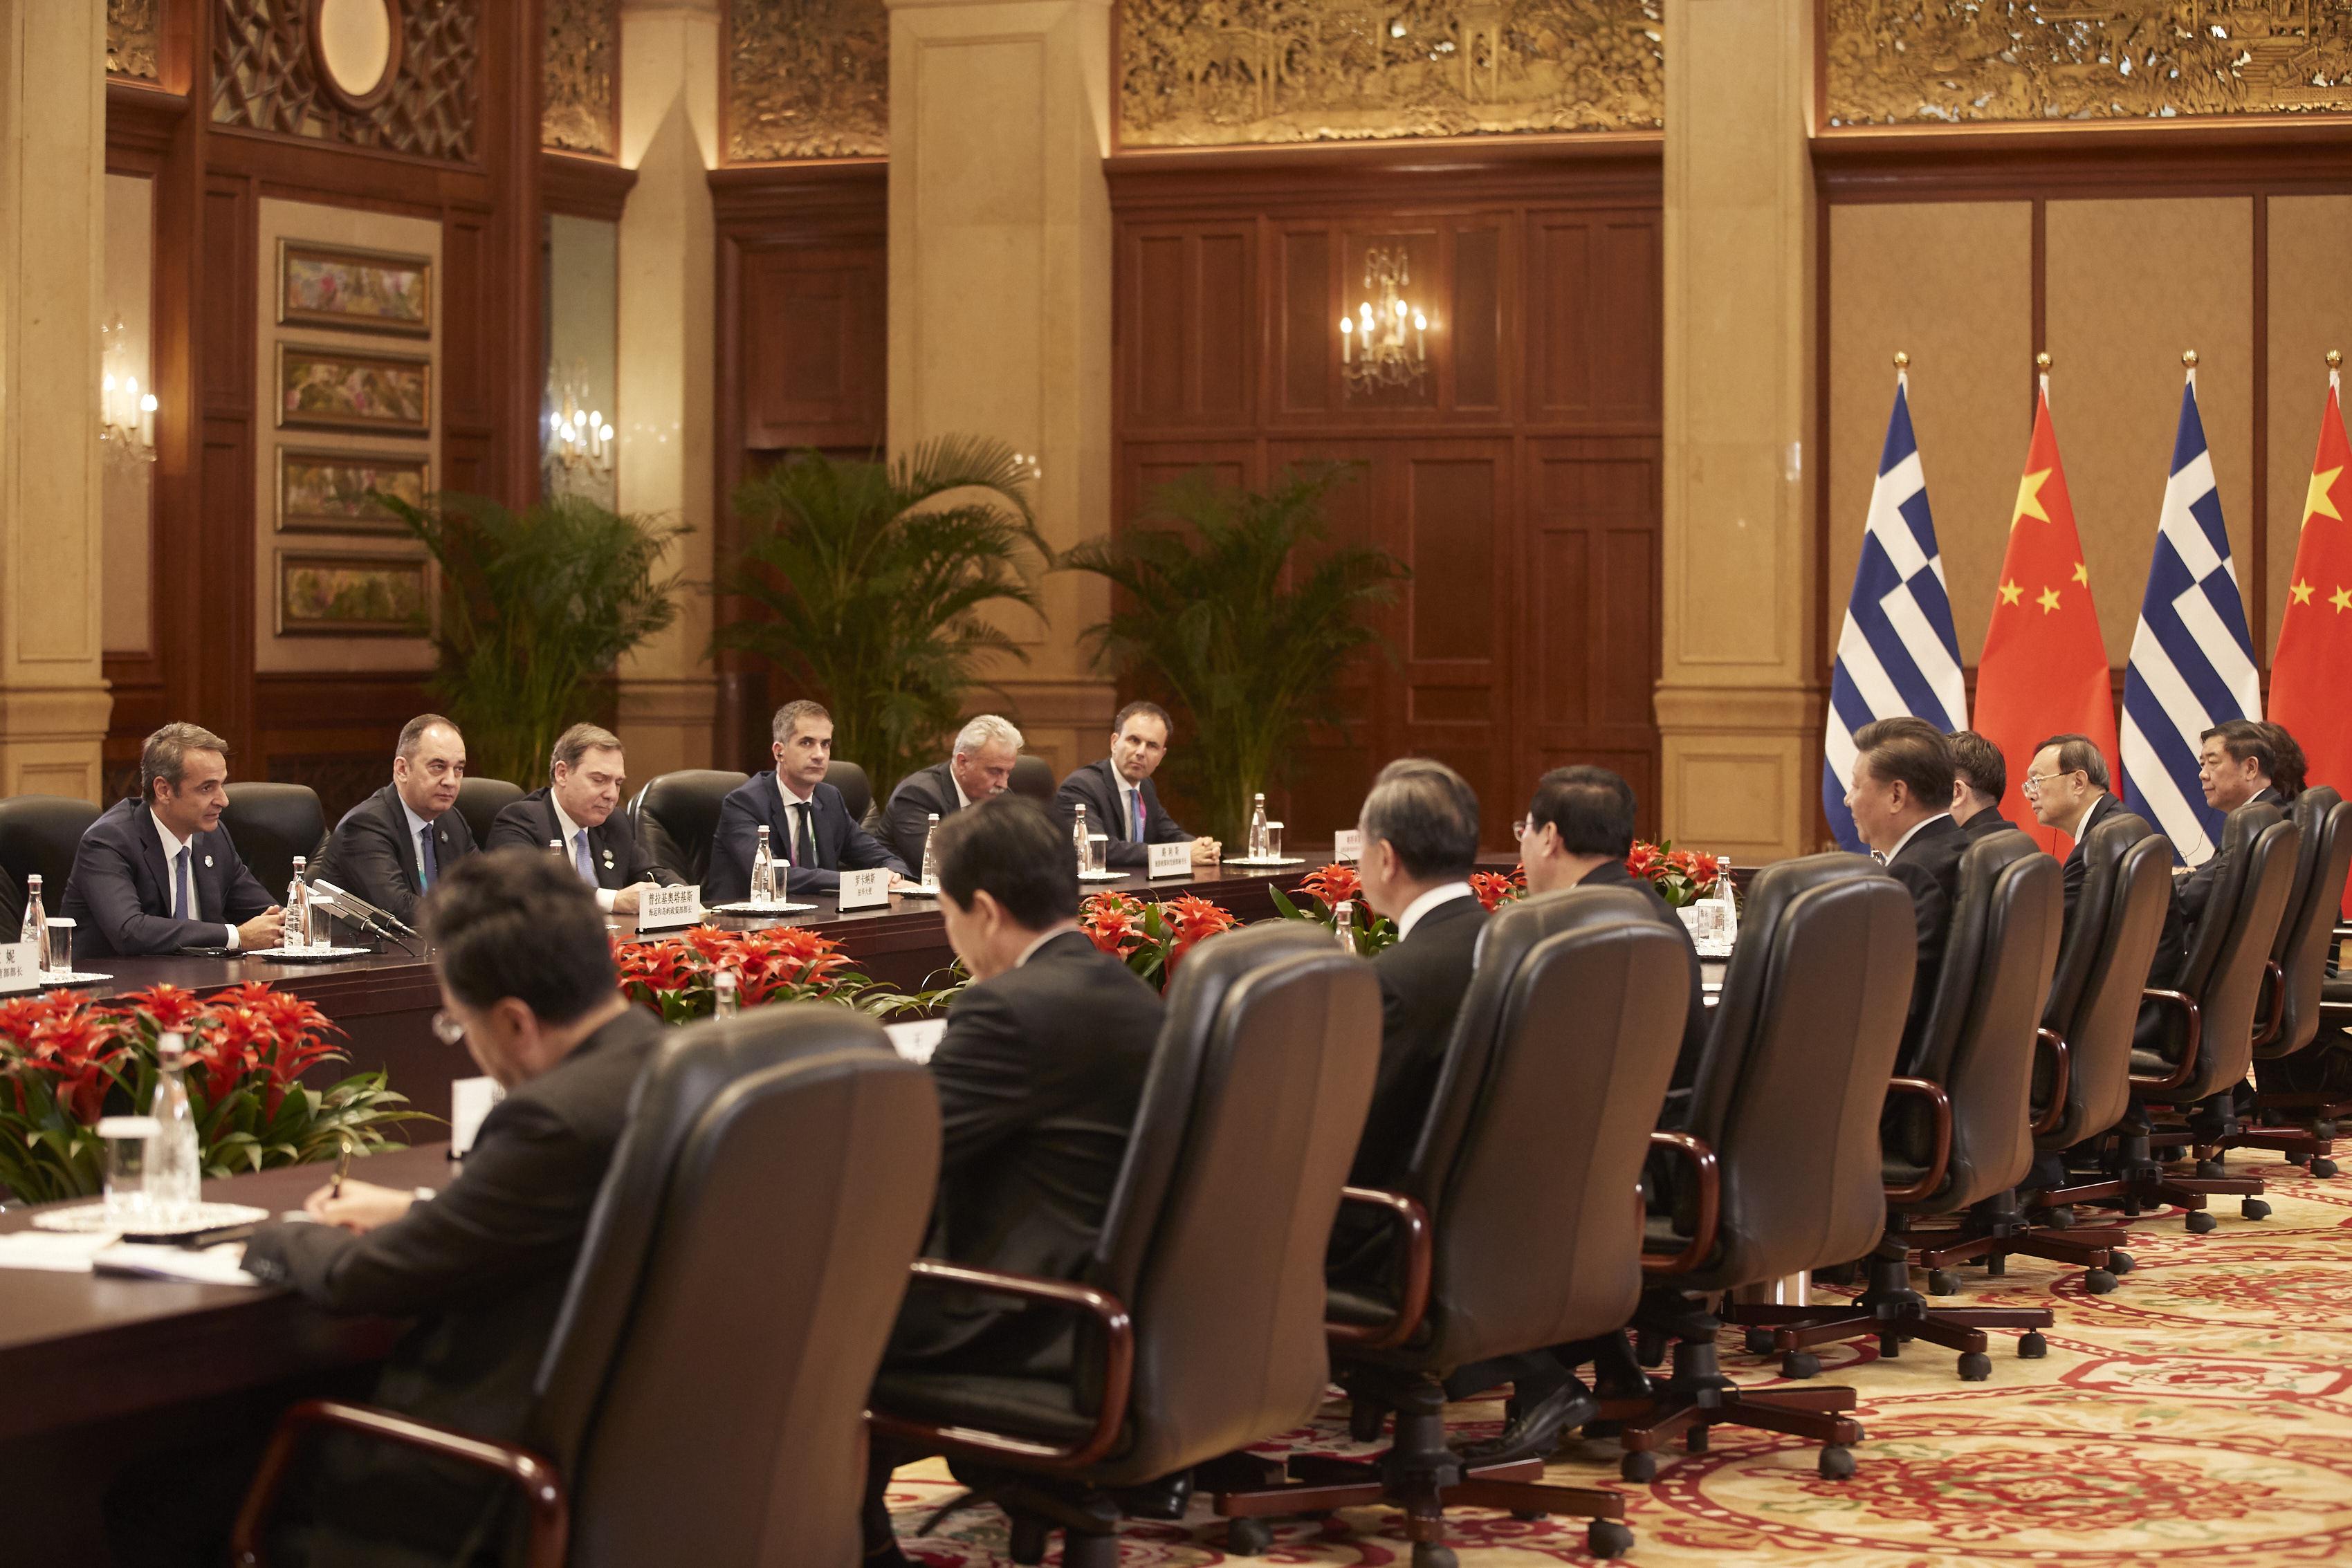 Συνάντηση Κυρ. Μητσοτάκη-Σι Τζινπίνγκ: Η κυβέρνηση είναι αποφασισμένη να προσελκύσει ξένα κεφαλαία